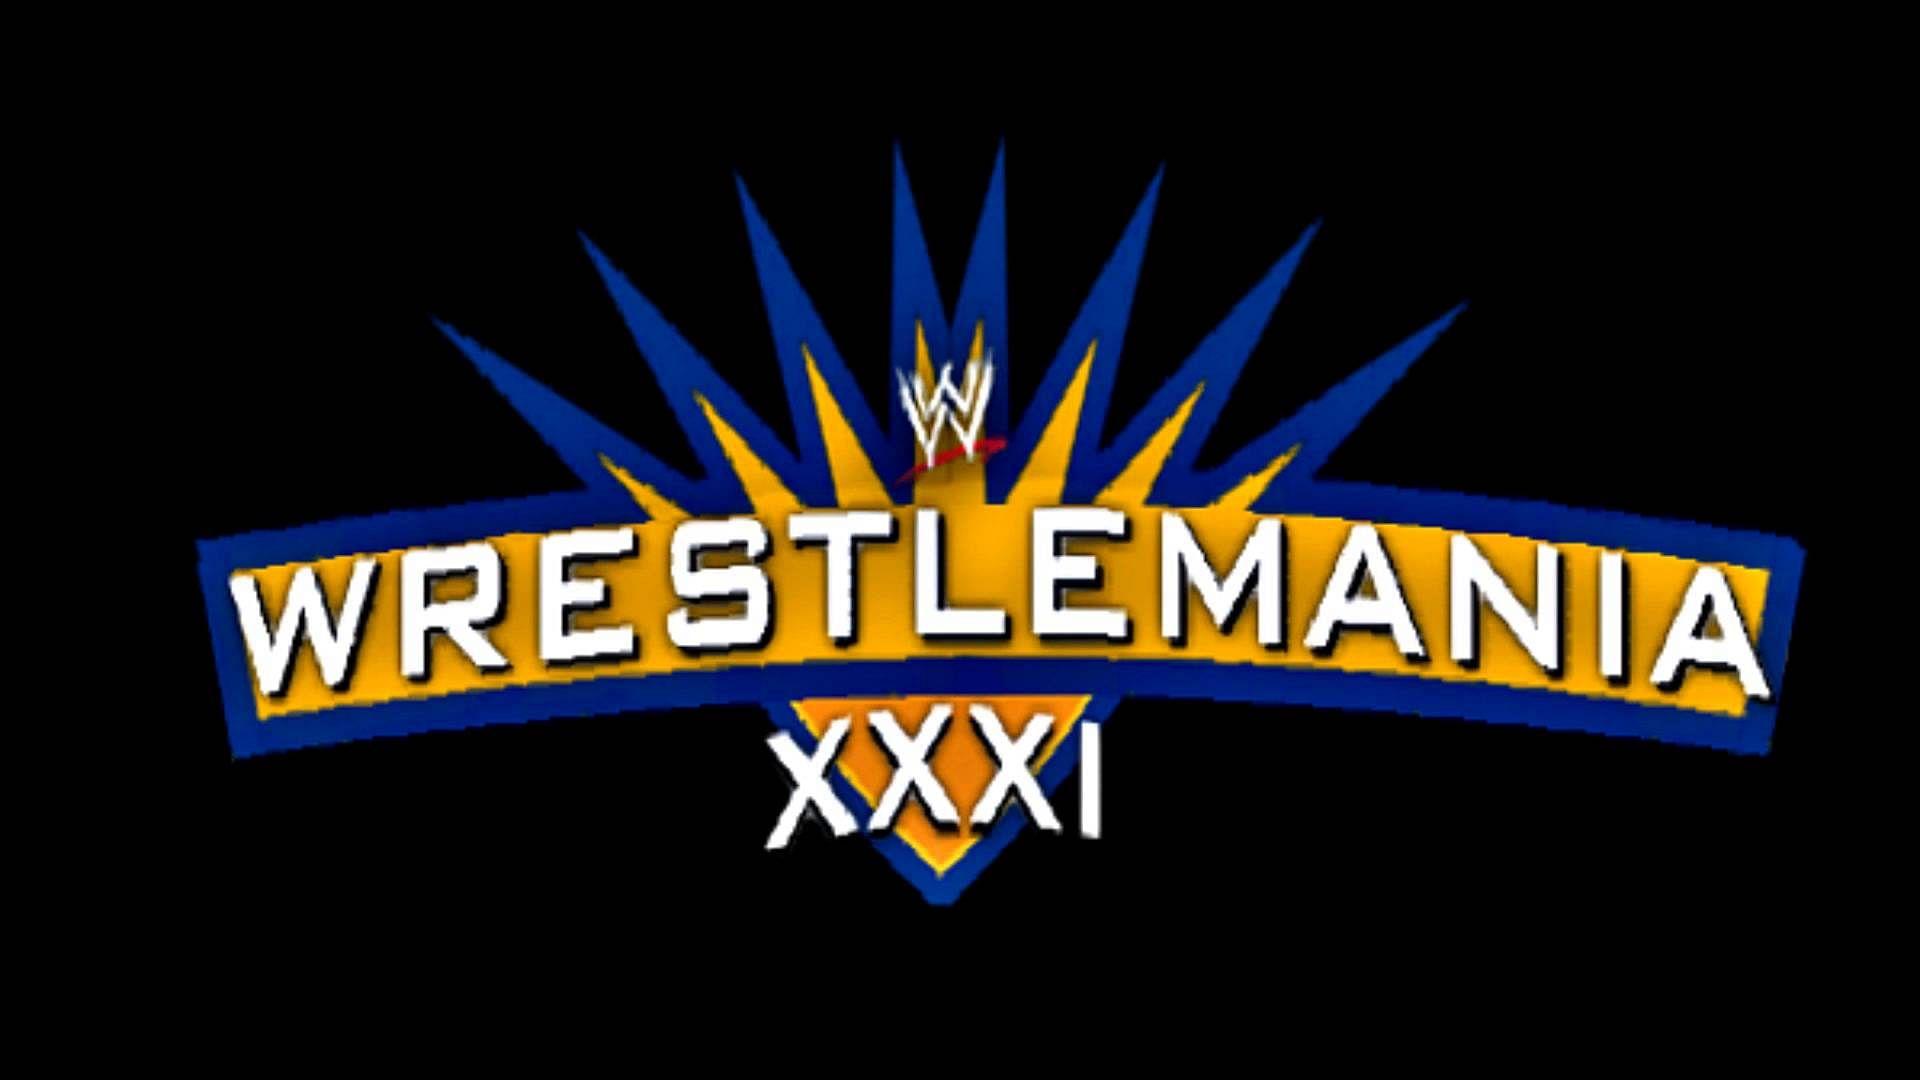 wwe wrestlemania xxxi and xxxii location revealed